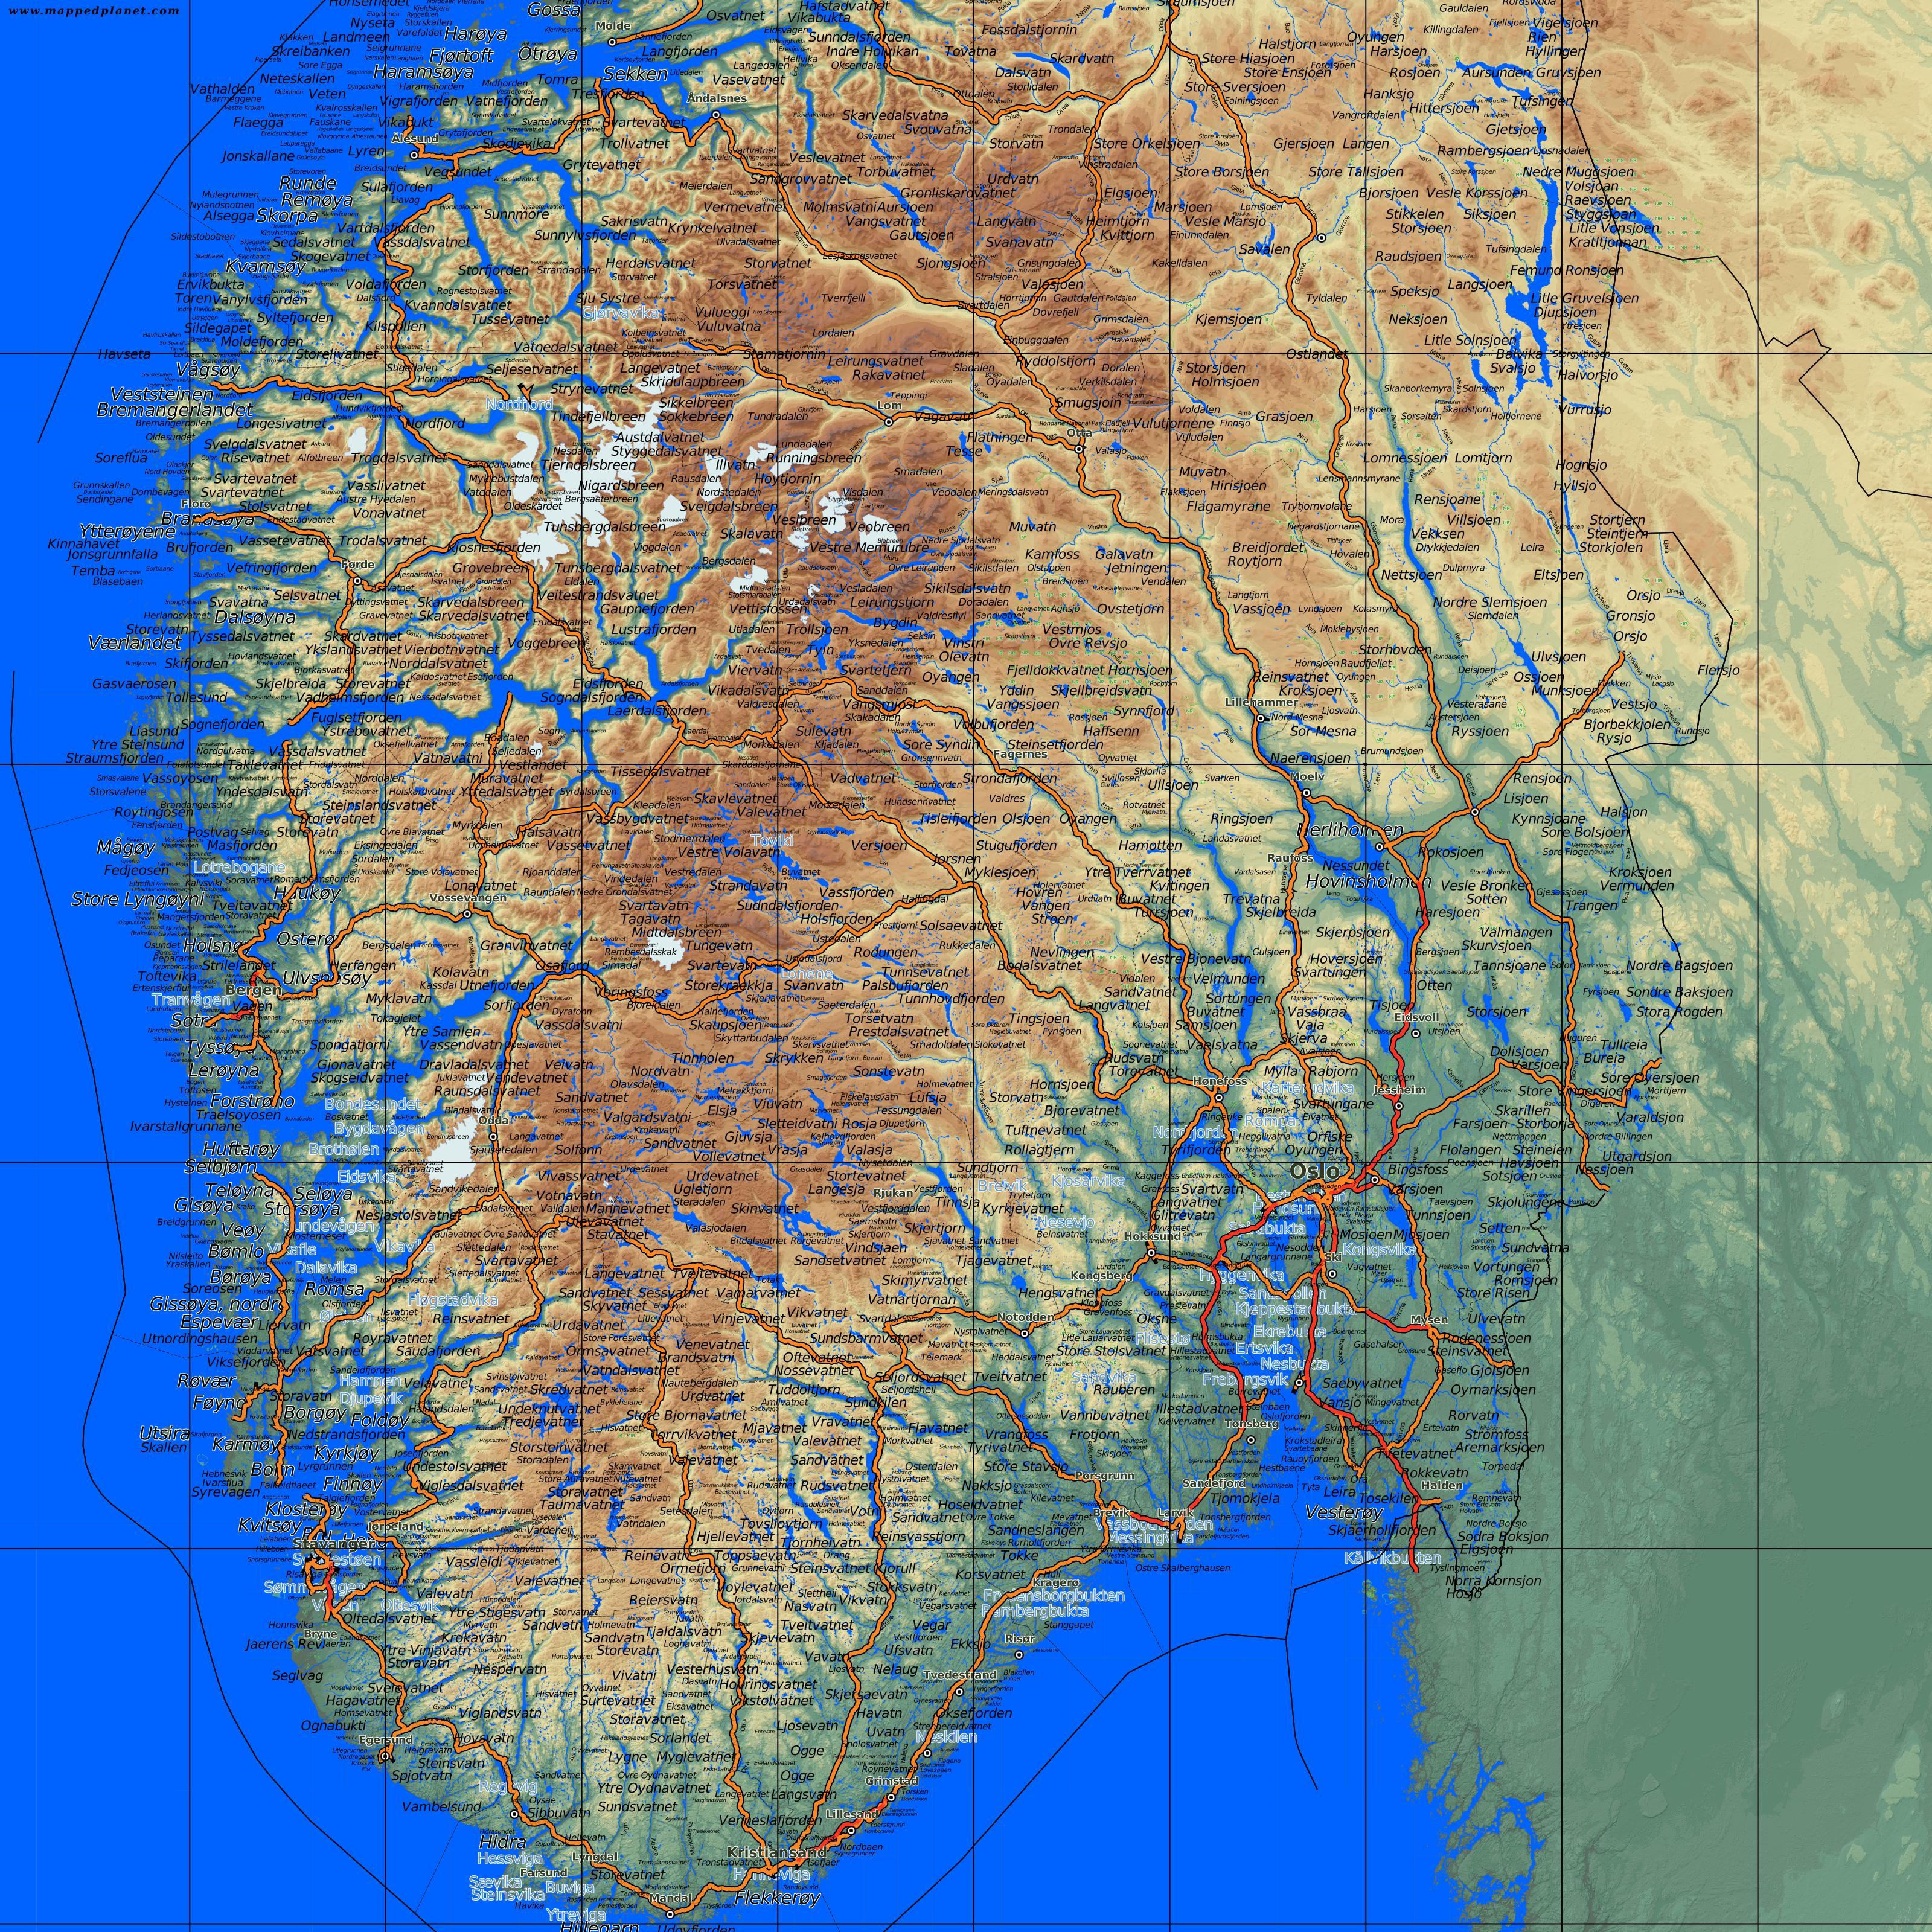 Detaljert kart over sør norge